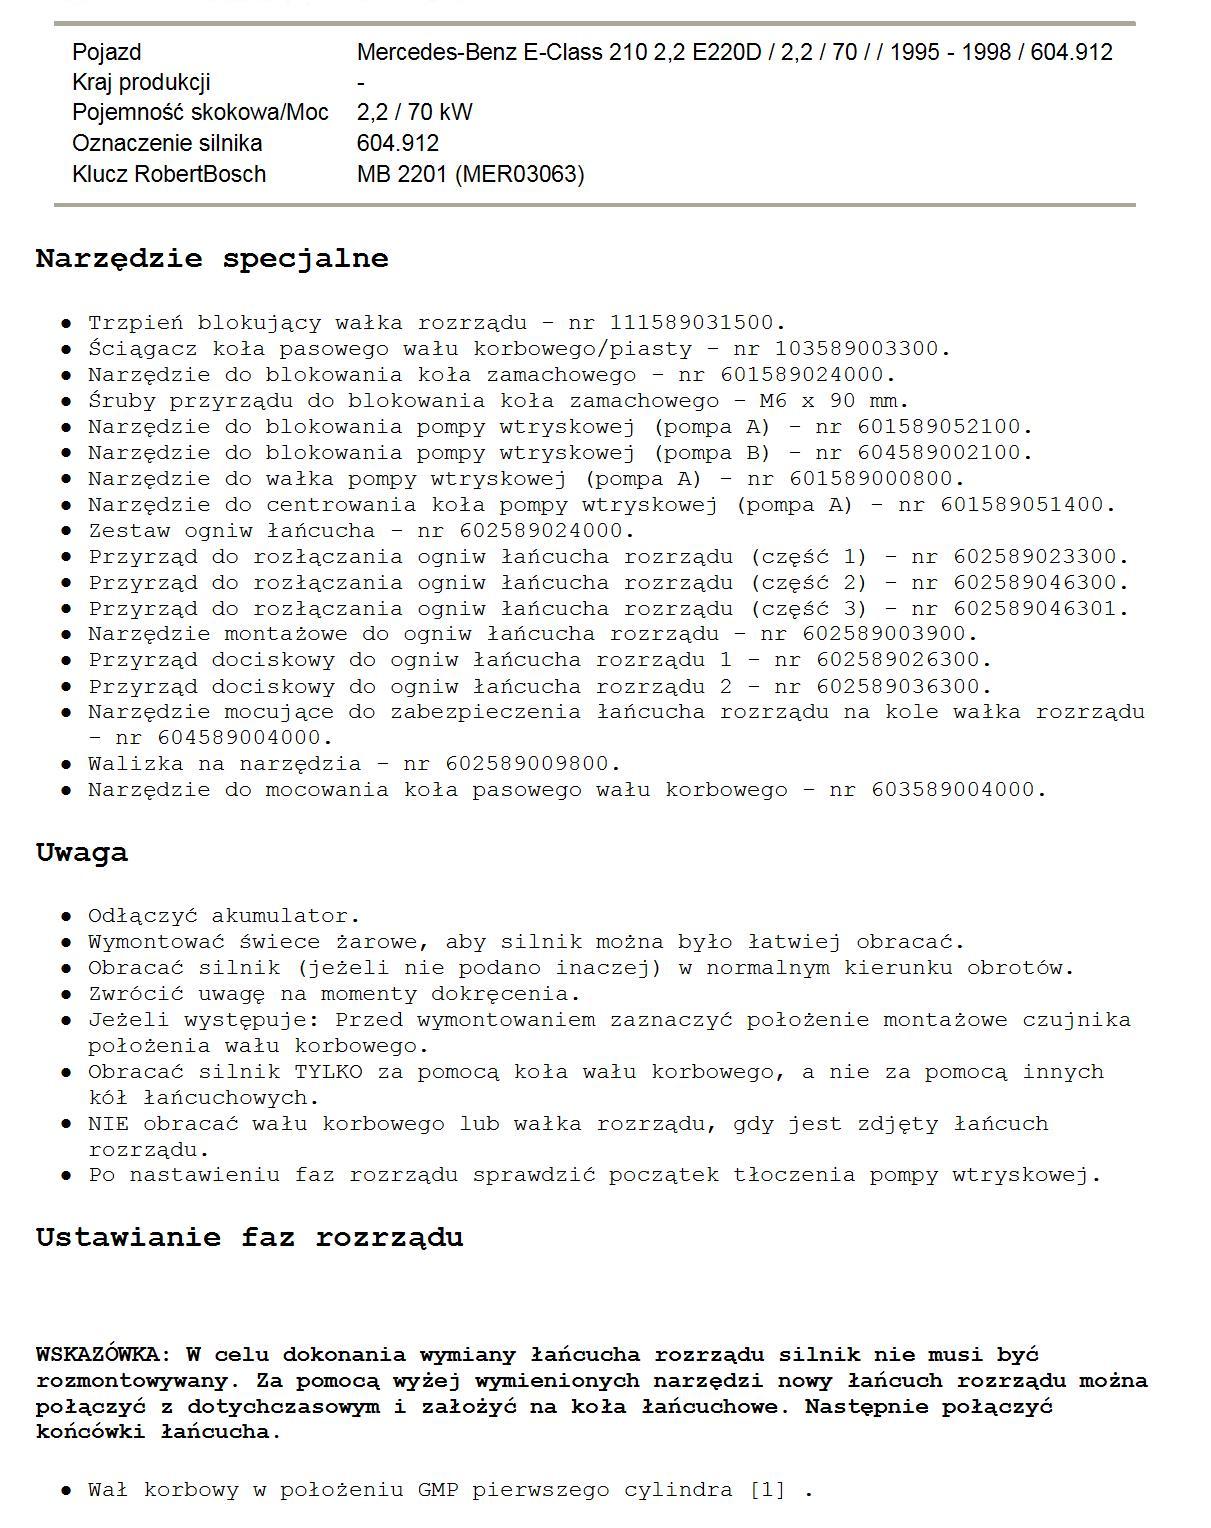 Mercedes W210220d Pompa Lukas Jak Ustawić Rozrząd